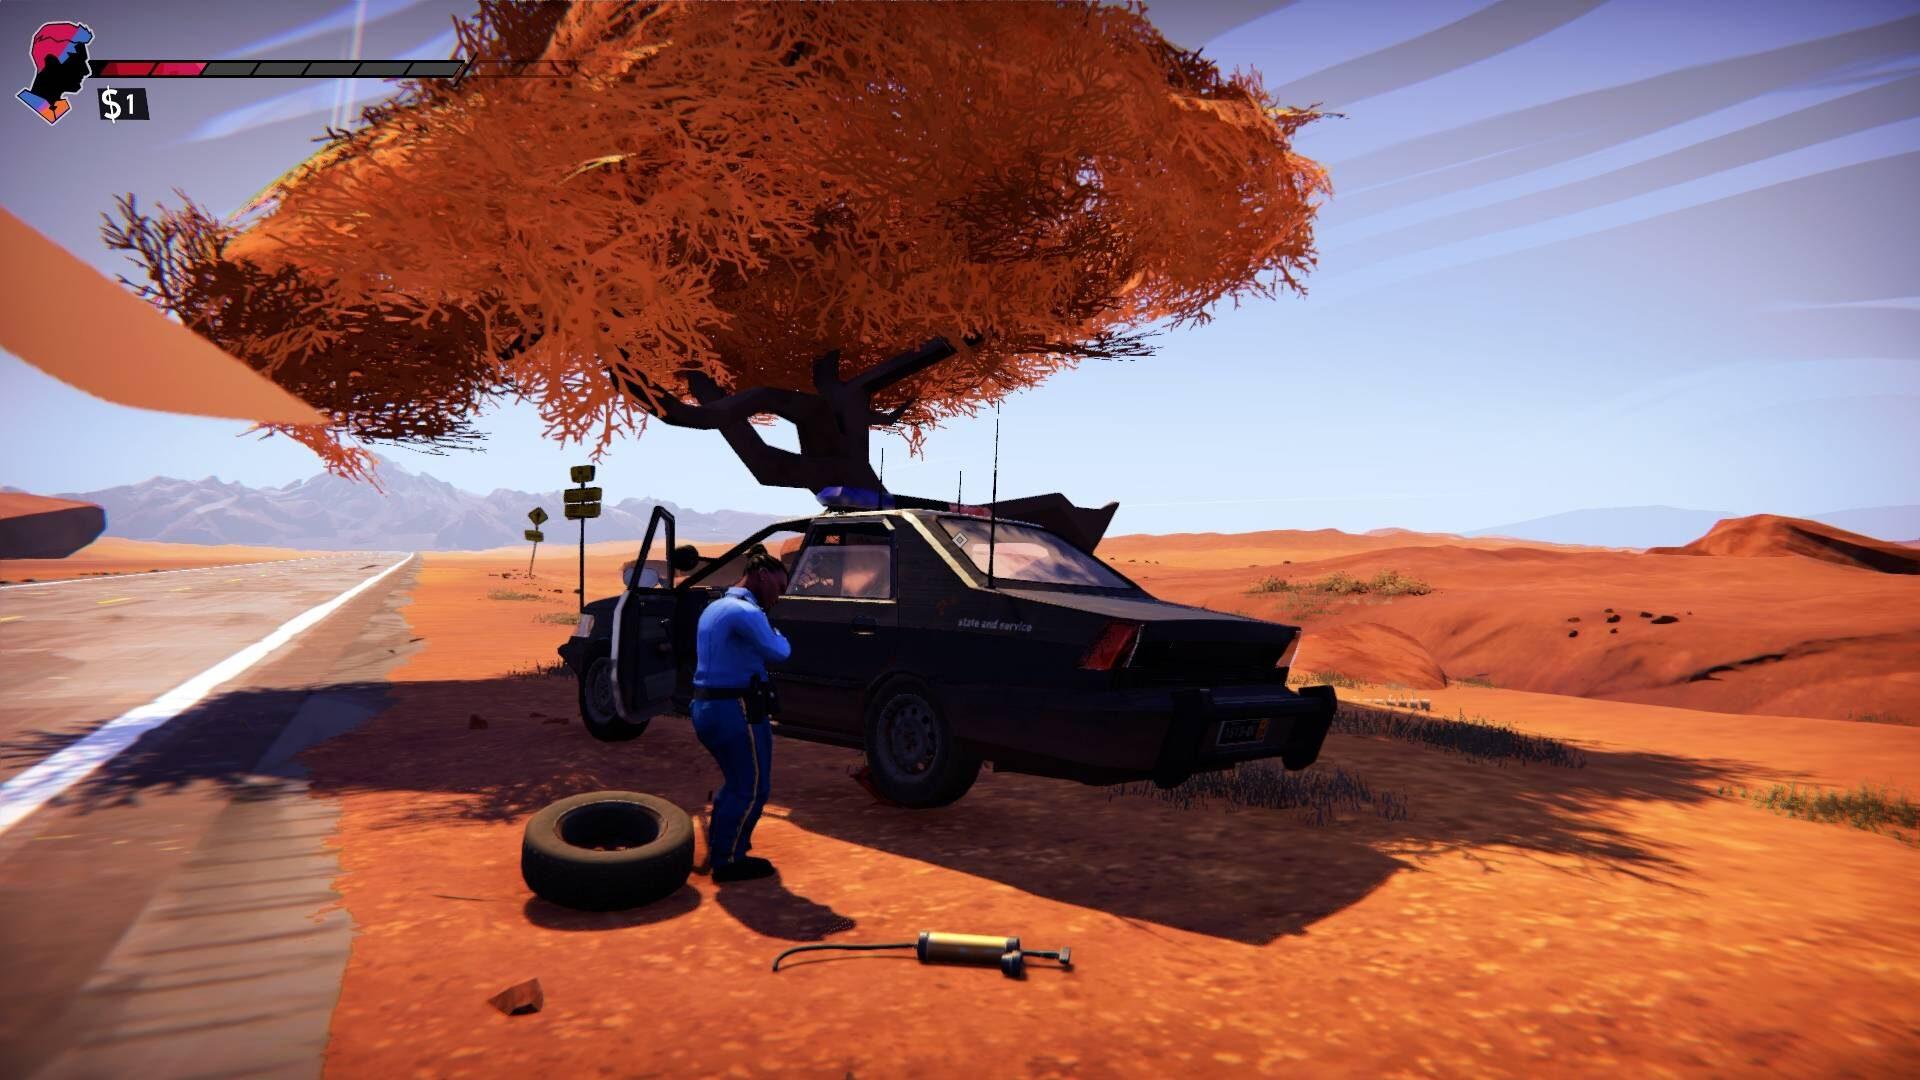 Road 96 Review Polizeiauto mit Platten unter Baum auf einer Wüstenstraße und Polizistin davor